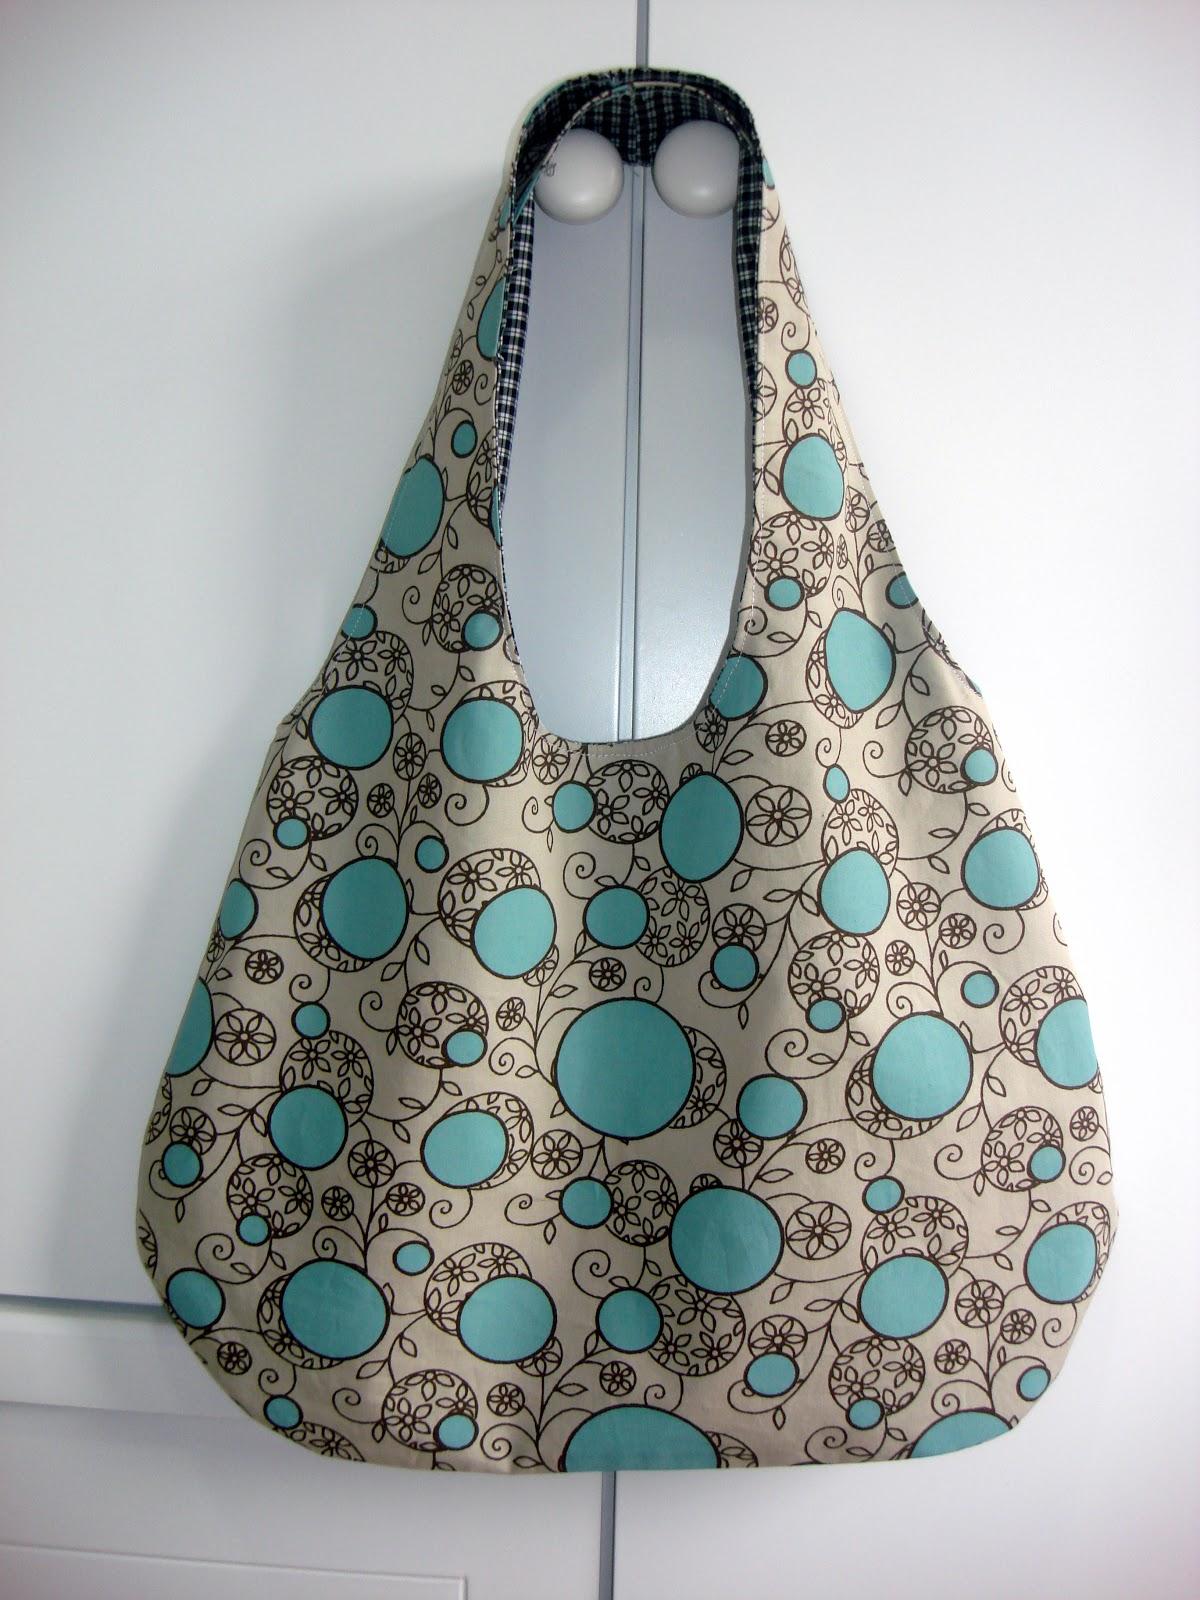 Bolsa De Viagem Em Tecido Passo A Passo : Arte de unir retalhos bolsa tecido revers?vel